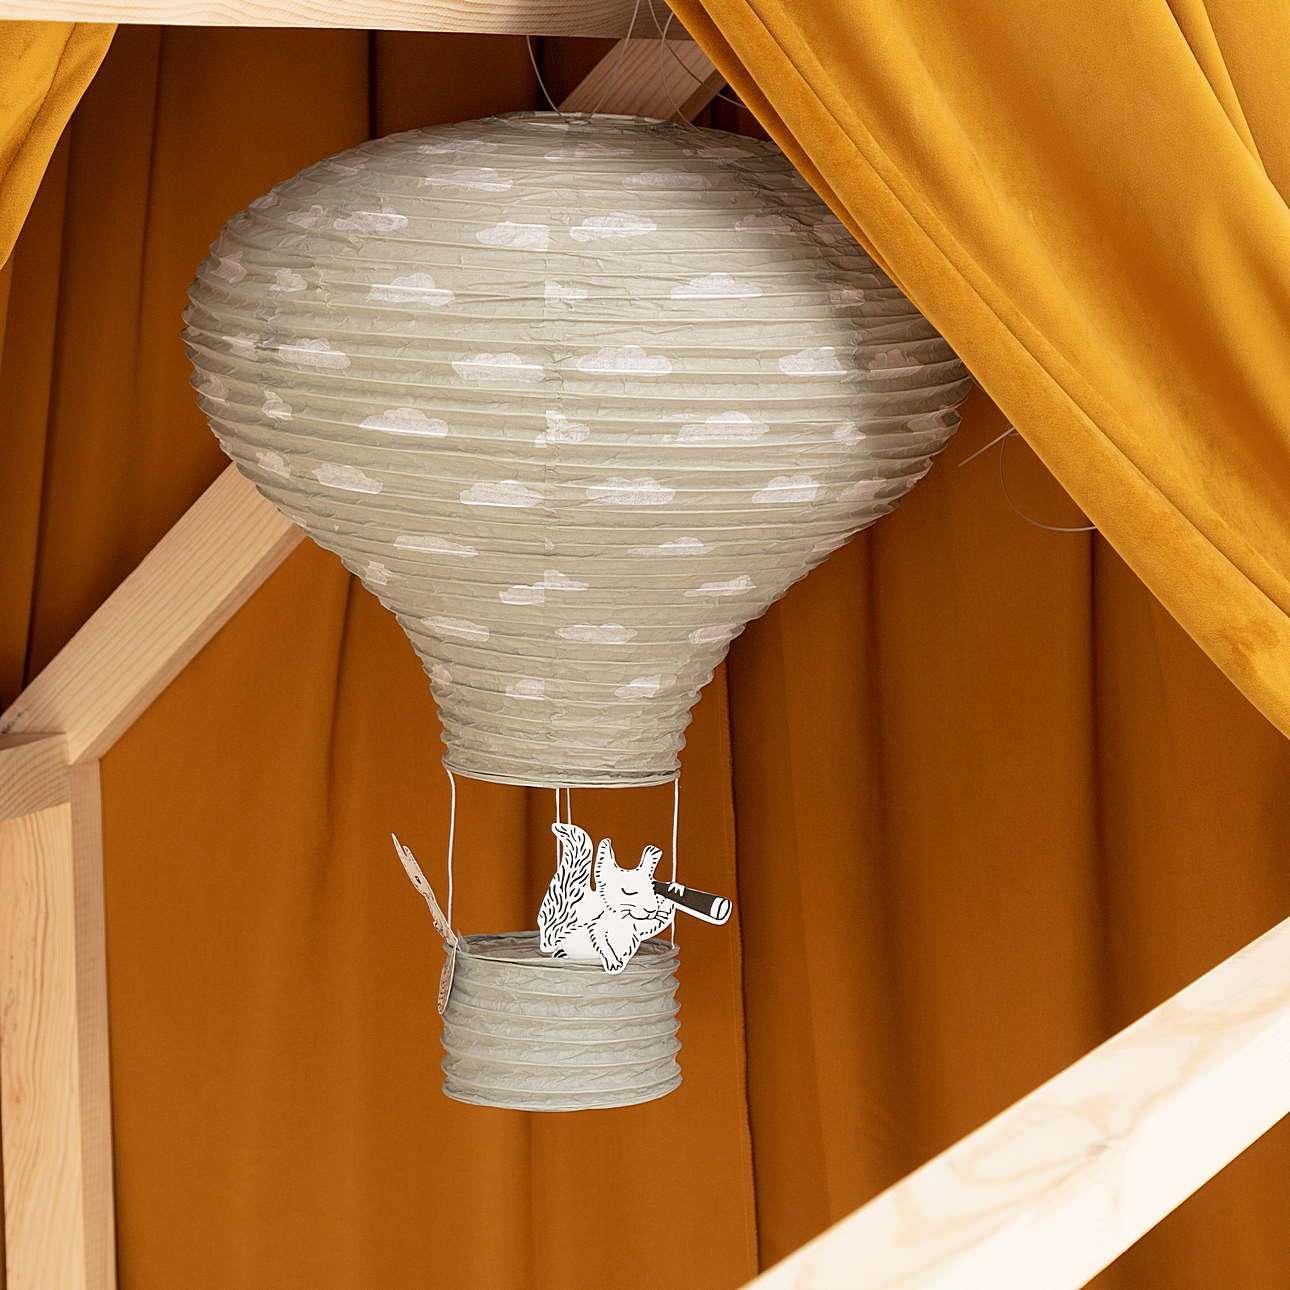 Hängedekoration Balloon gray